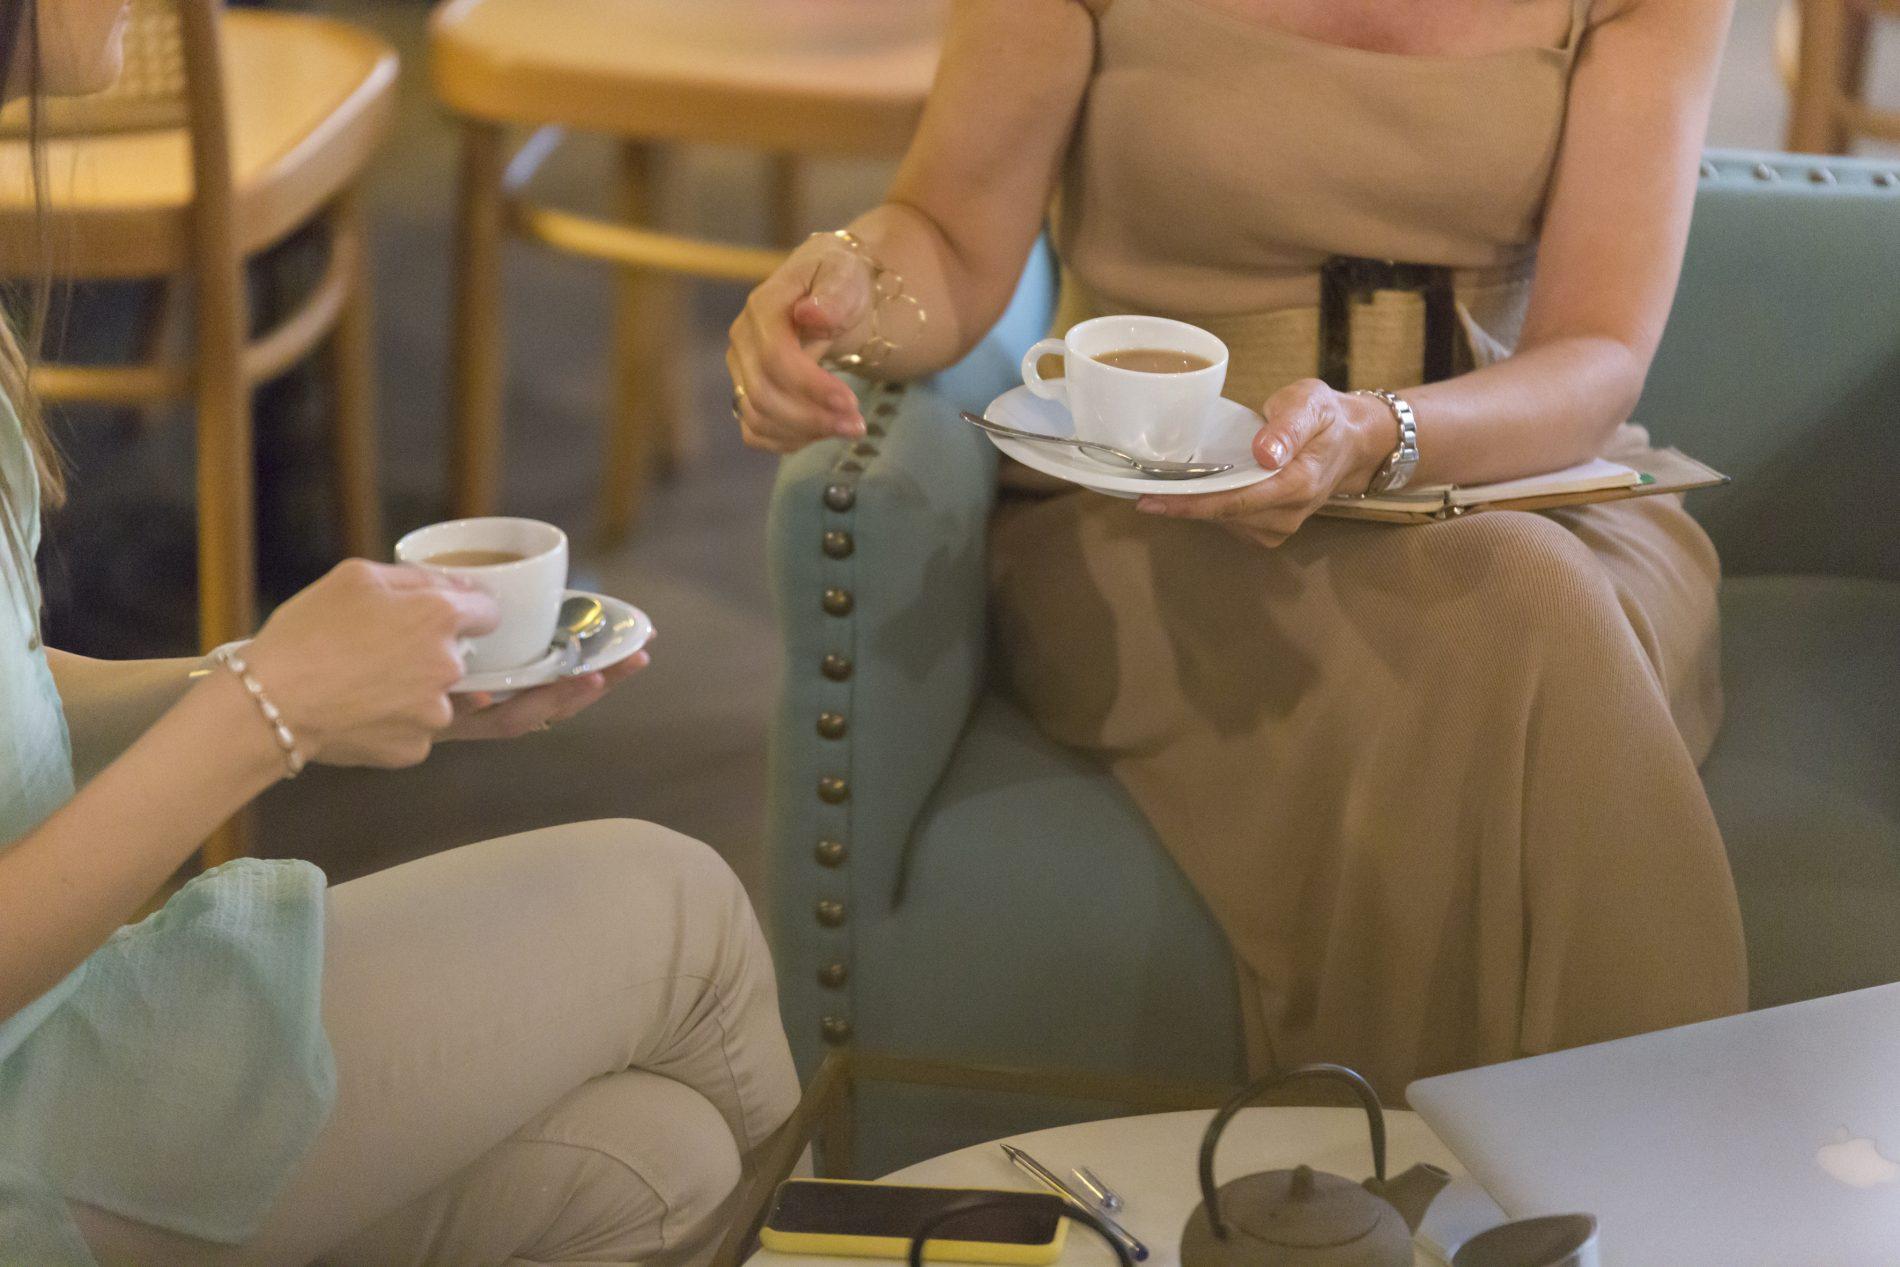 Cómo trasladar a tu empresa los Objetivos de Desarrollo Sostenible  - Mayte Carvajal - Woman Mentoring